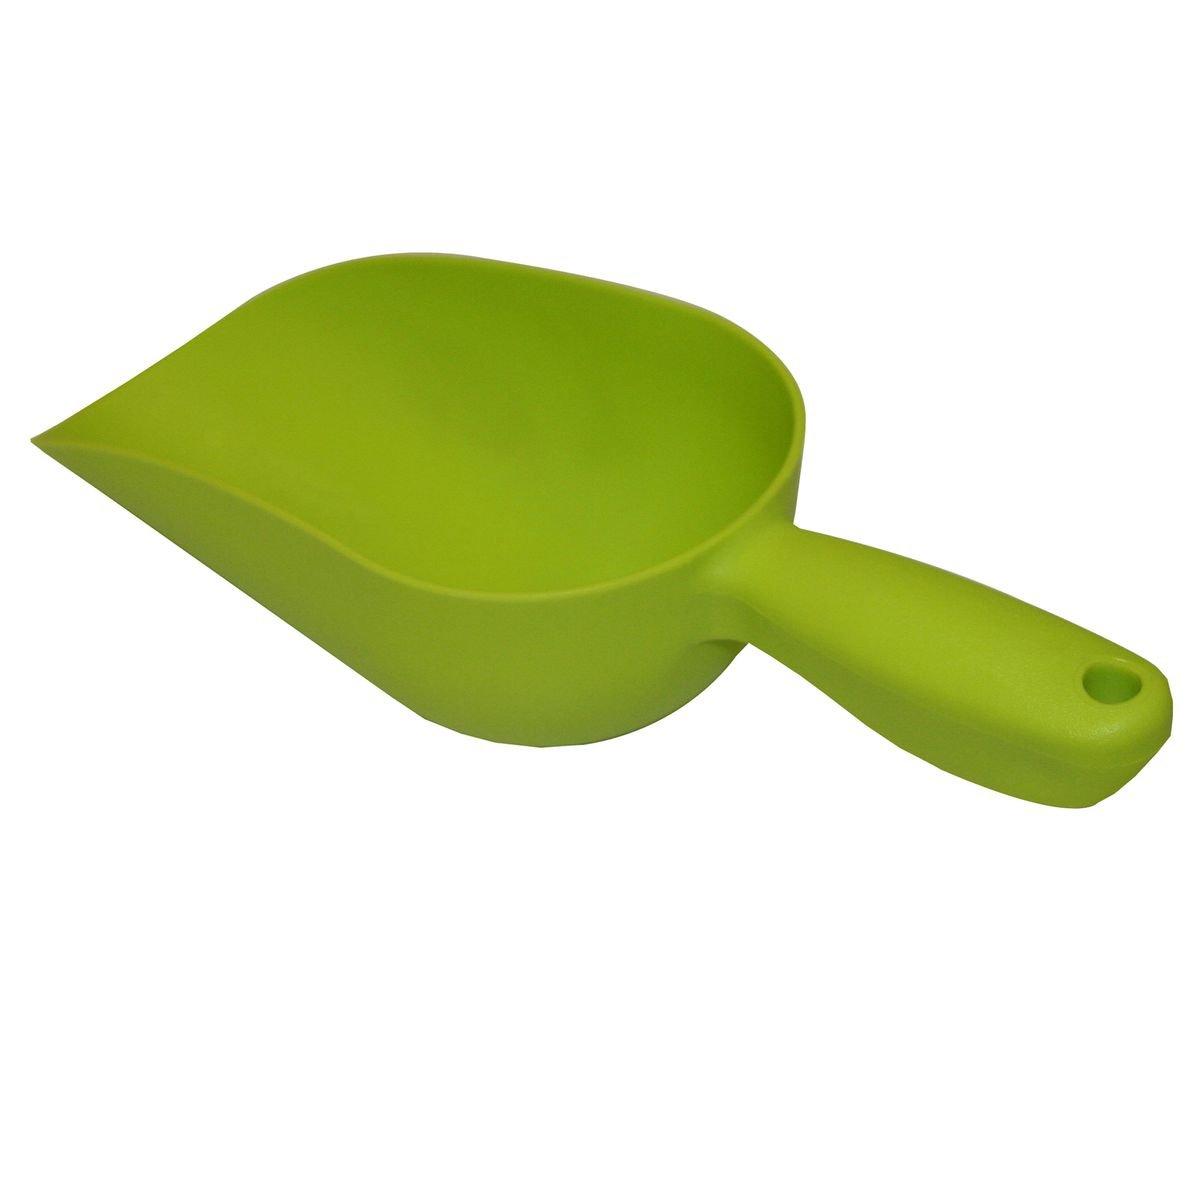 Futterschaufel aus hochwertigem Kunststoff Xclou Sackschaufel in Gr/ün Gartenschaufel mit Griff Handschaufel als Garten-Zubeh/ör und f/ür den Haustier-Bedarf